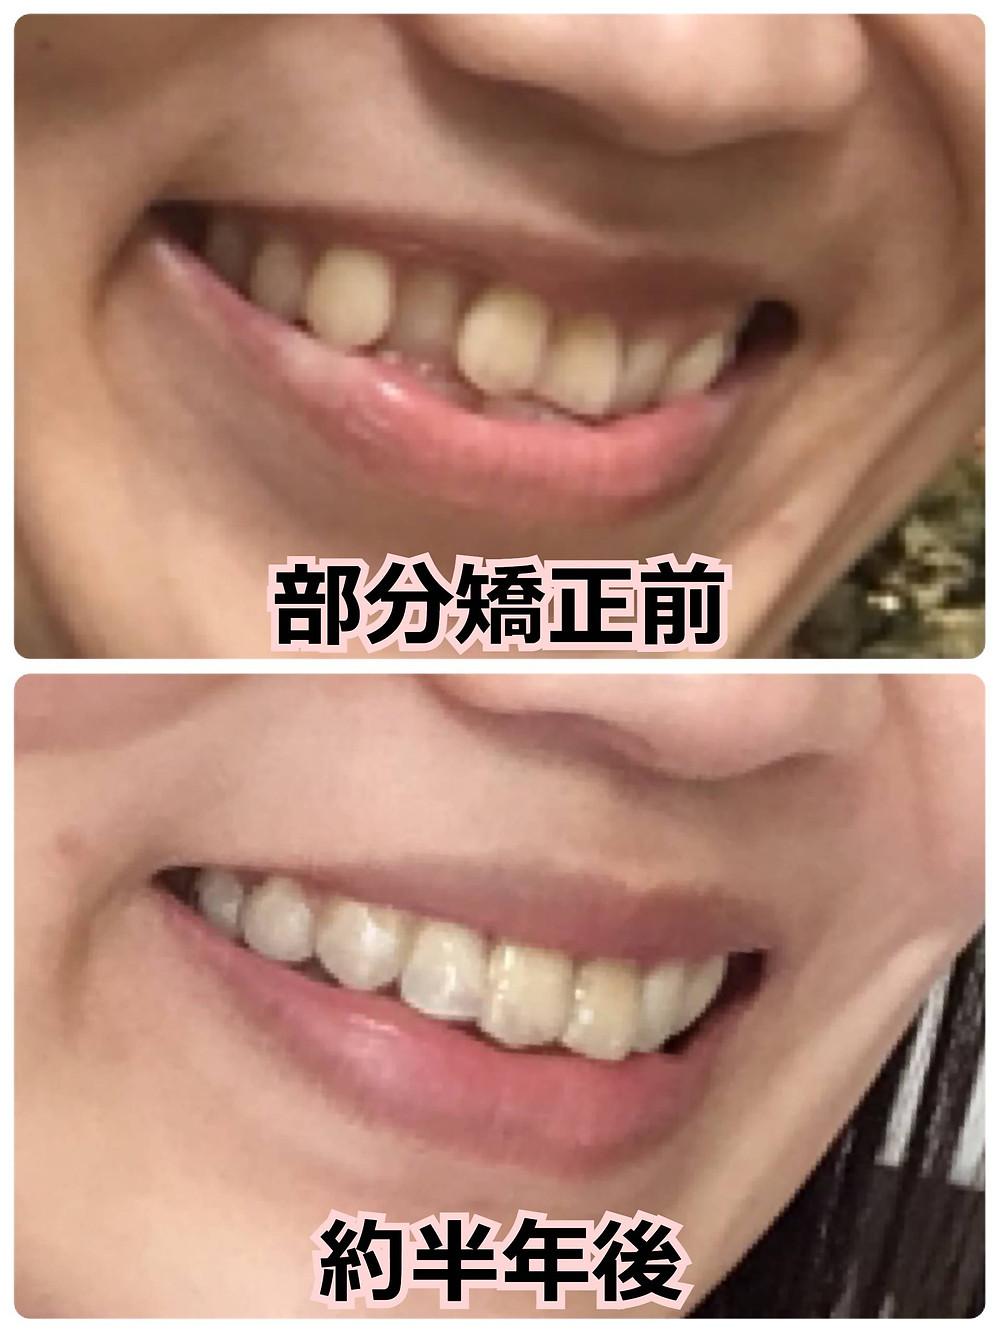 部分矯正開始から半年経過した八重歯